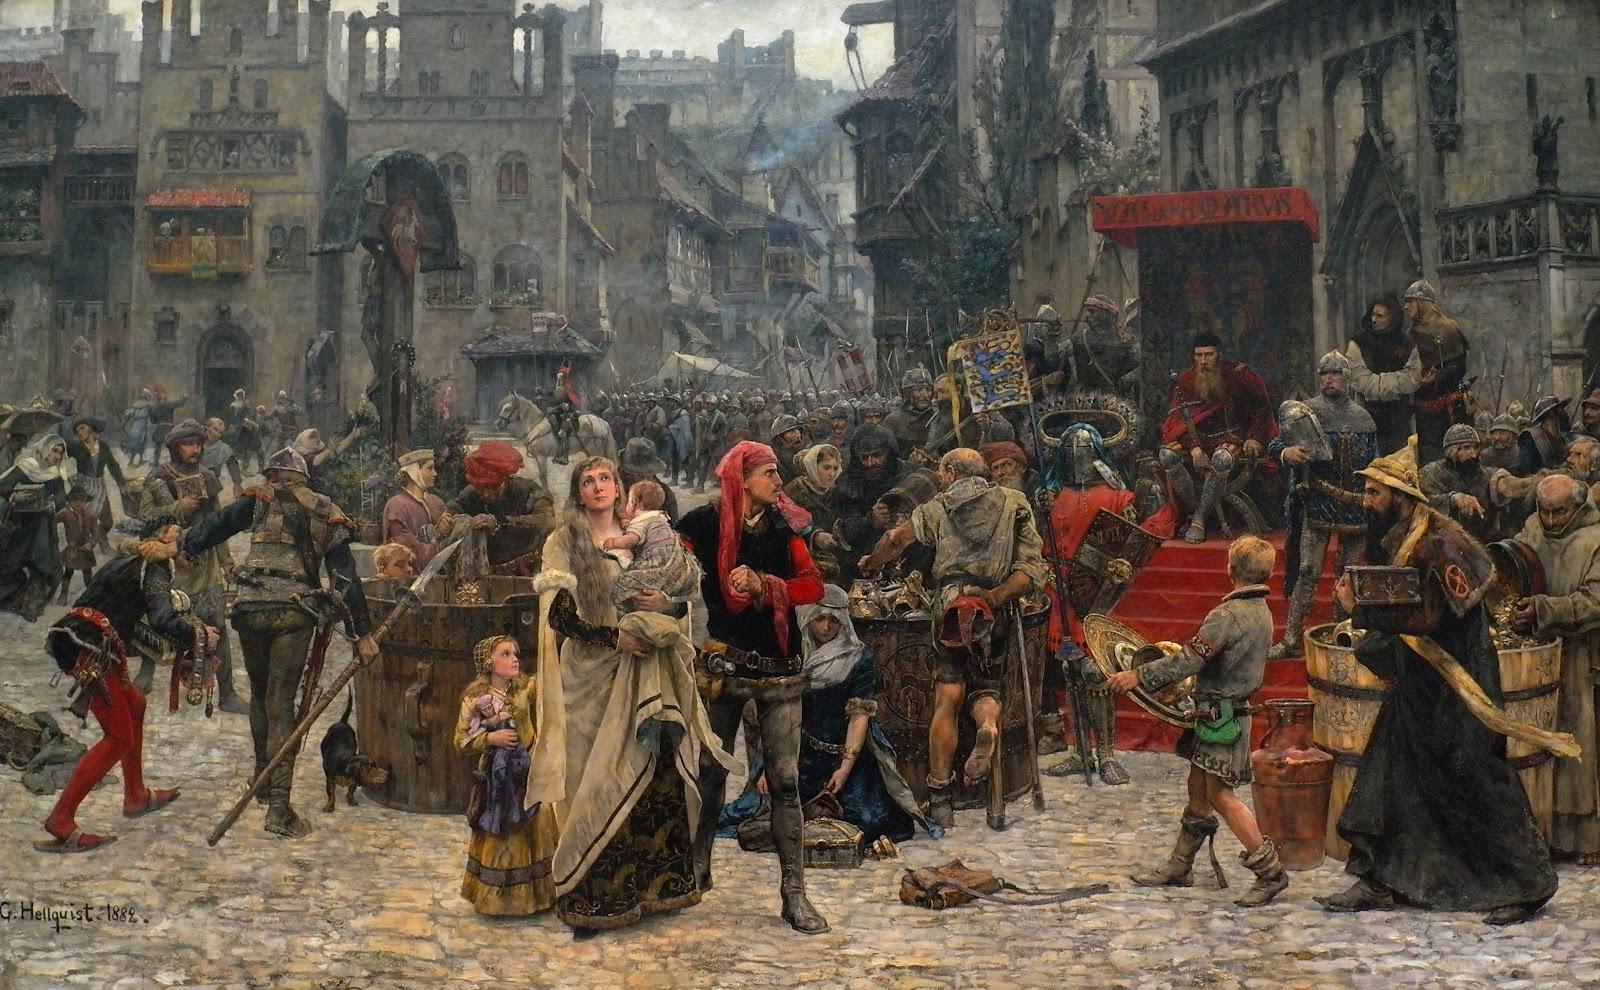 Carl Gustaf Hellqvist--Valdemar Atterdag holding Visby to ransom, 1361.1882